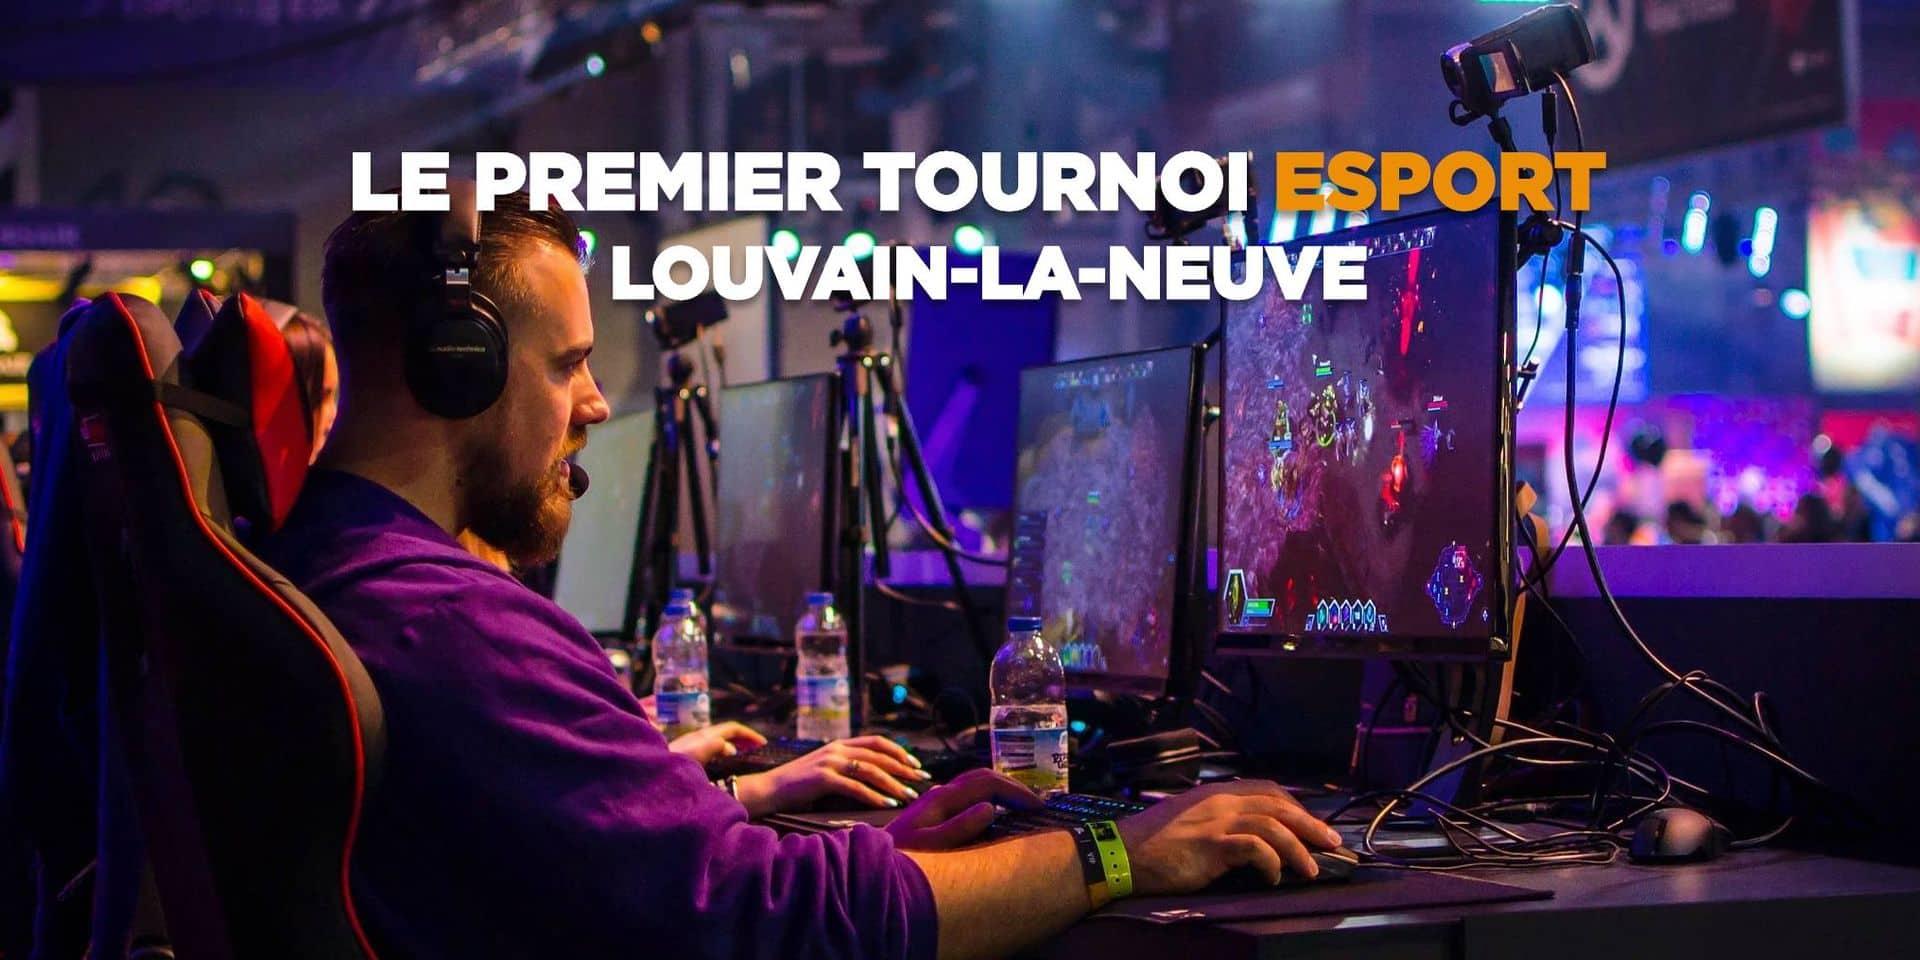 Un tournoi esport d'envergure à Louvain-la-Neuve